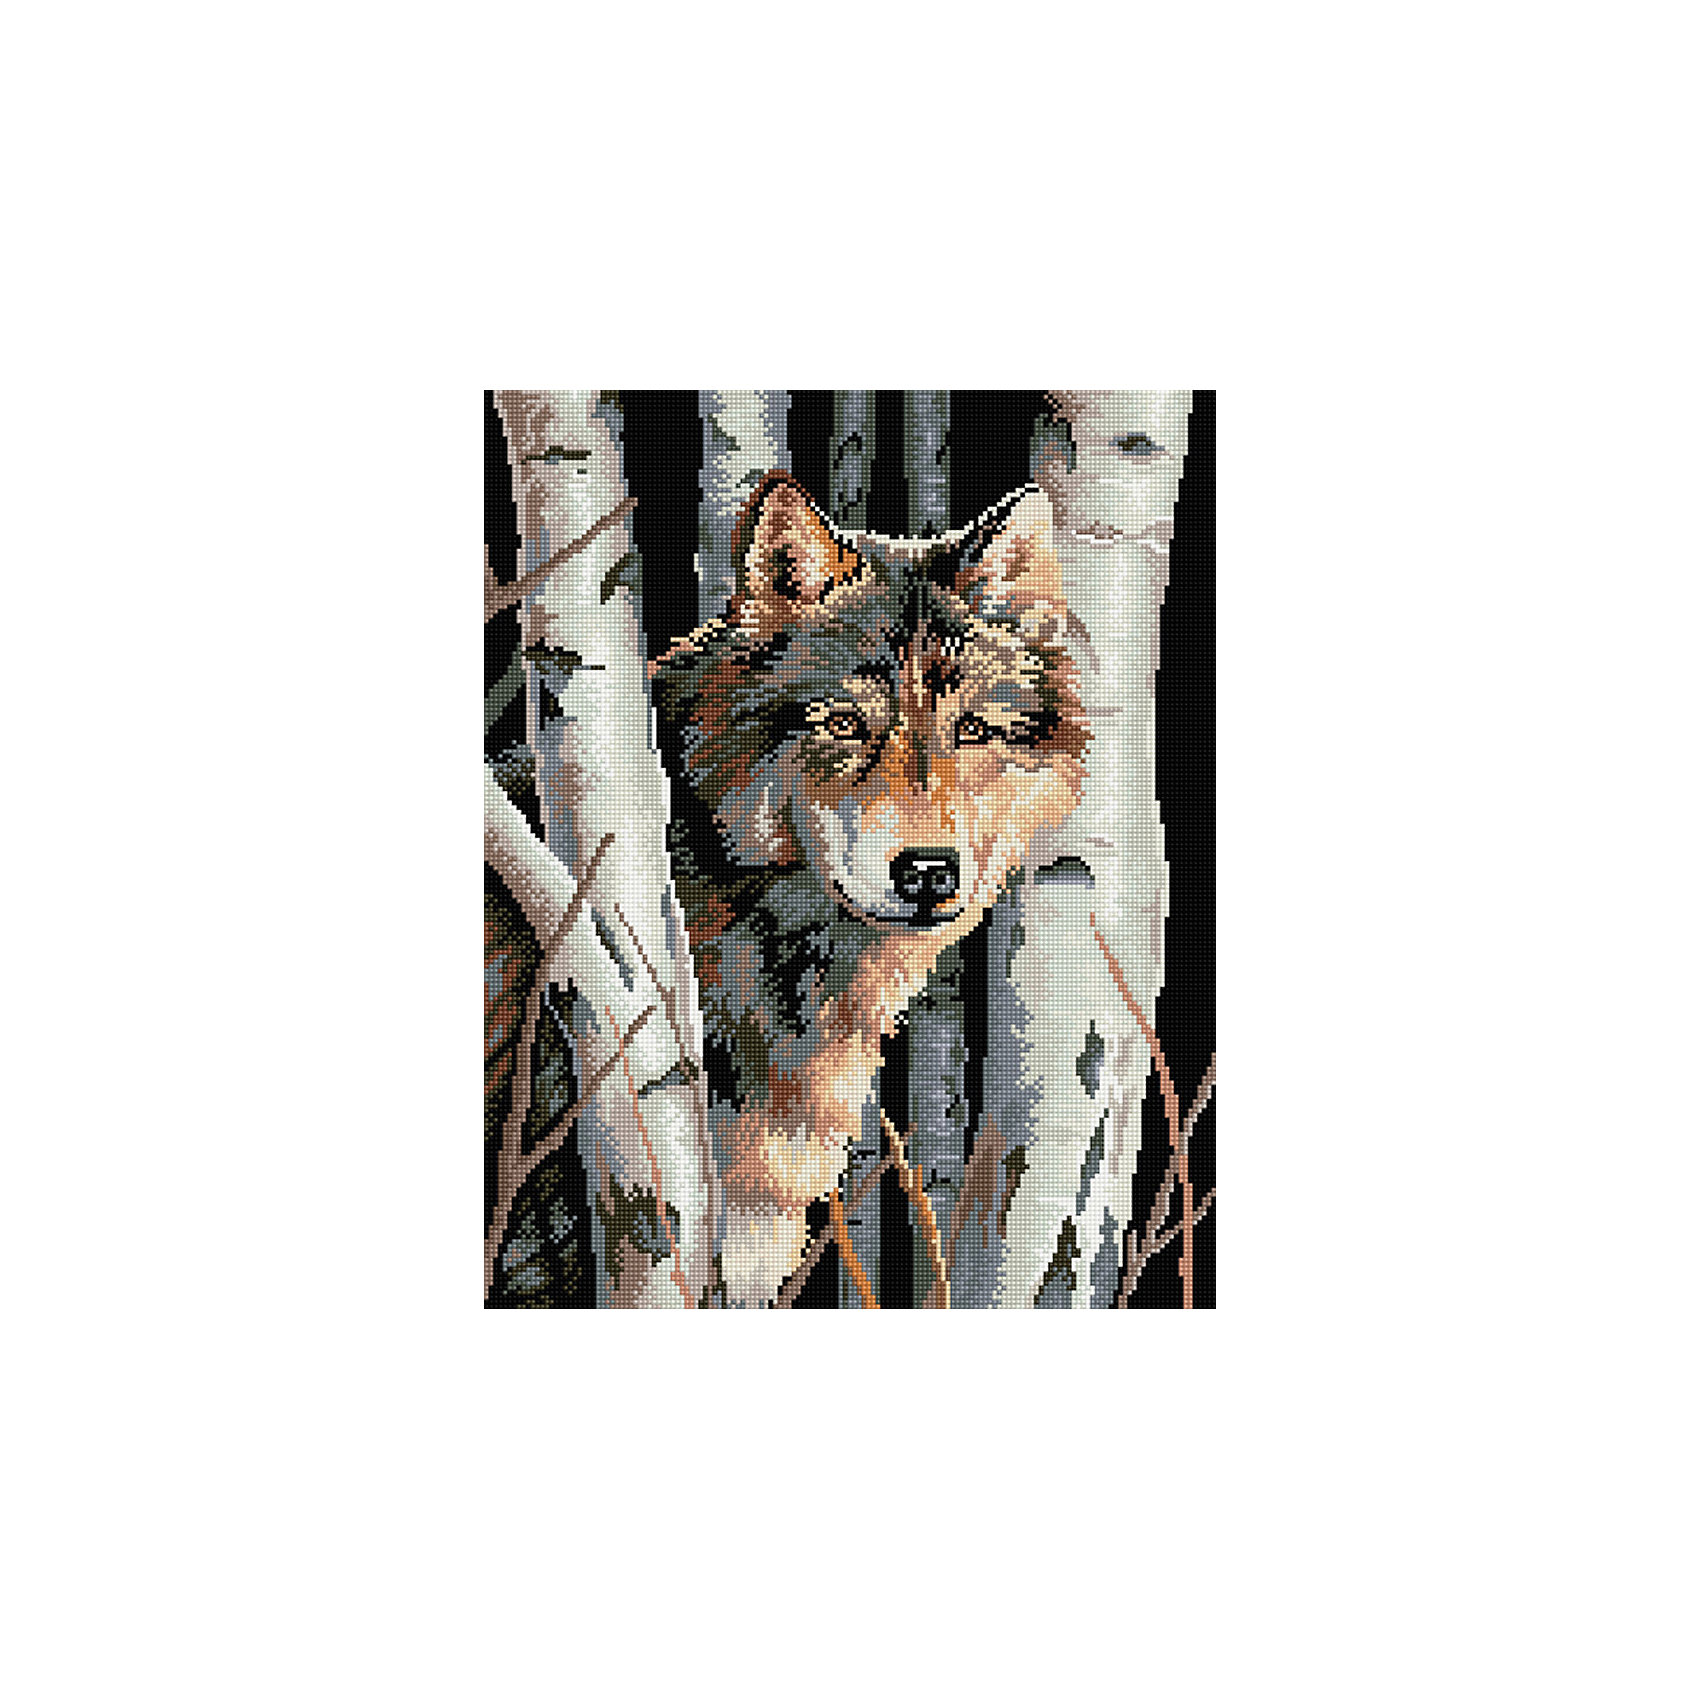 TUKZAR Алмазная мозаика Волк 40*50 см наборы для поделок цветной алмазная мозаика леопард